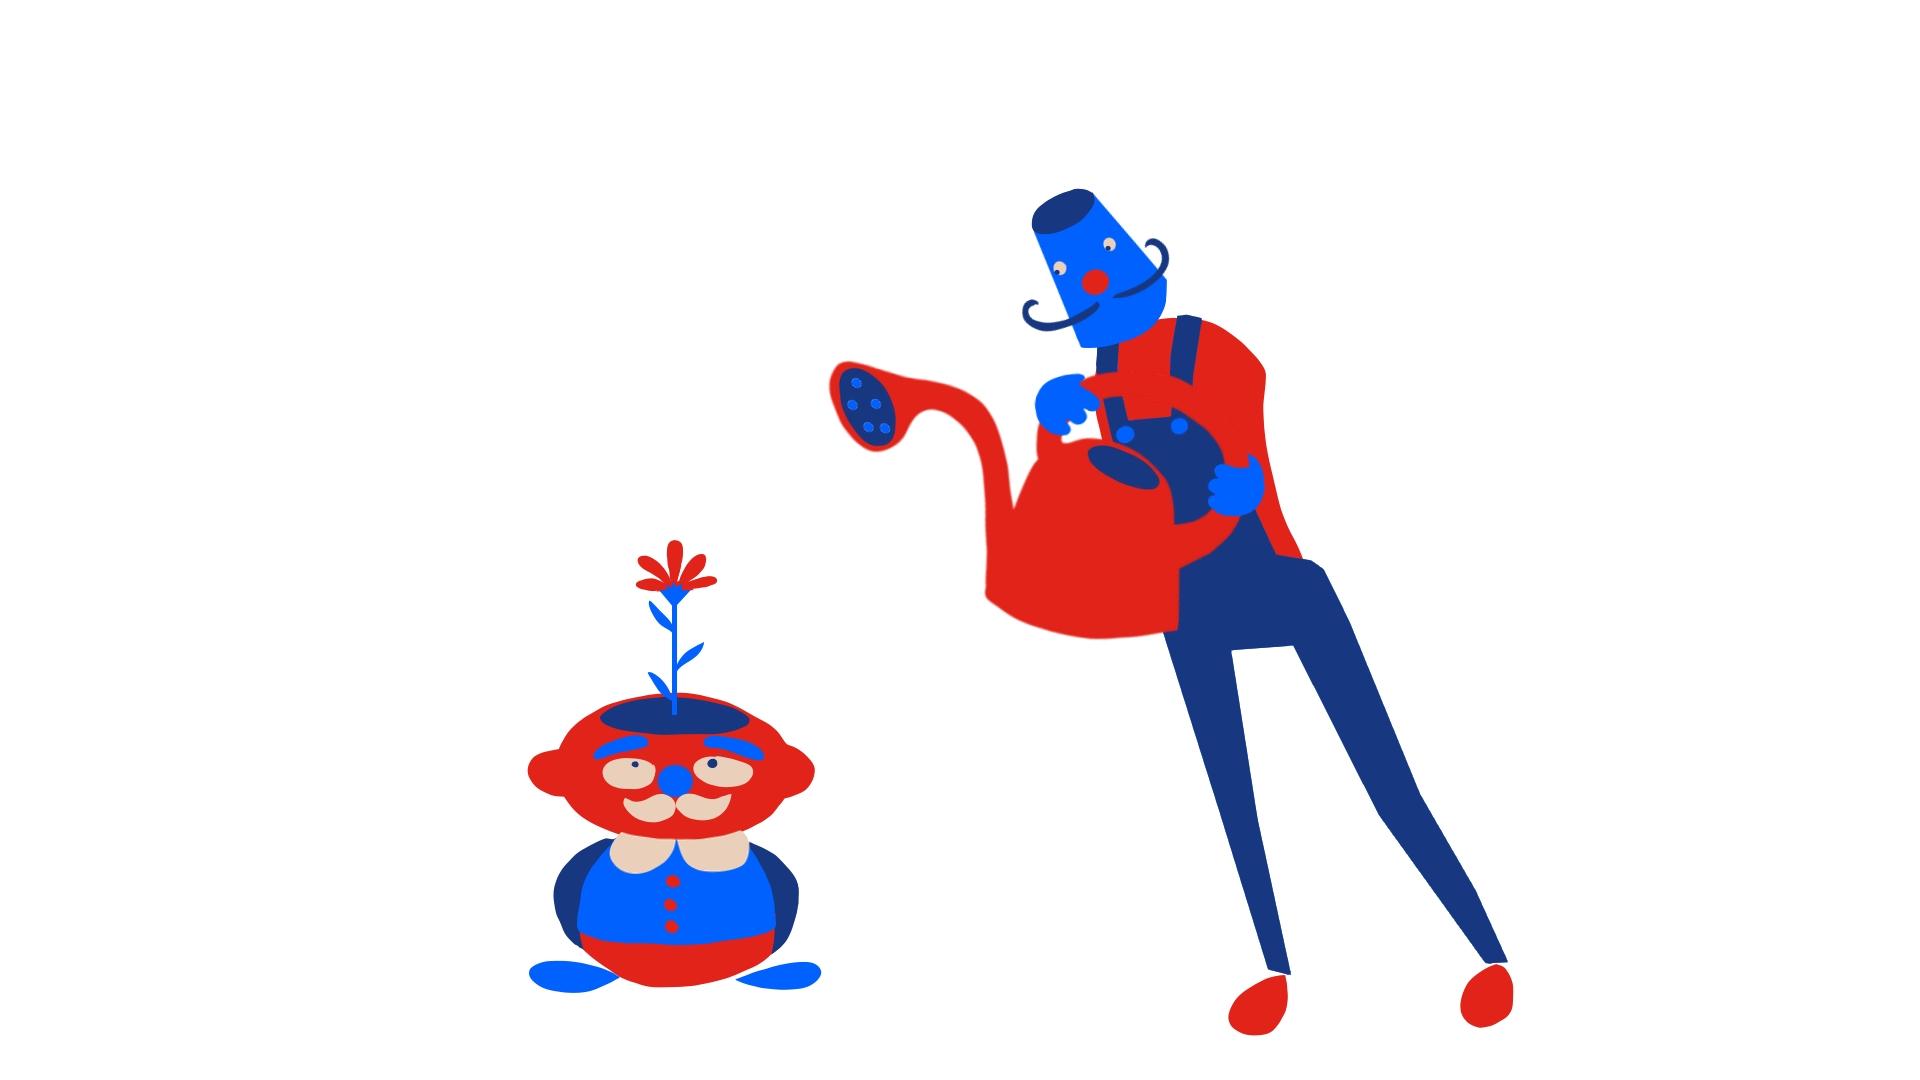 animation showreel elli maanpää 2016